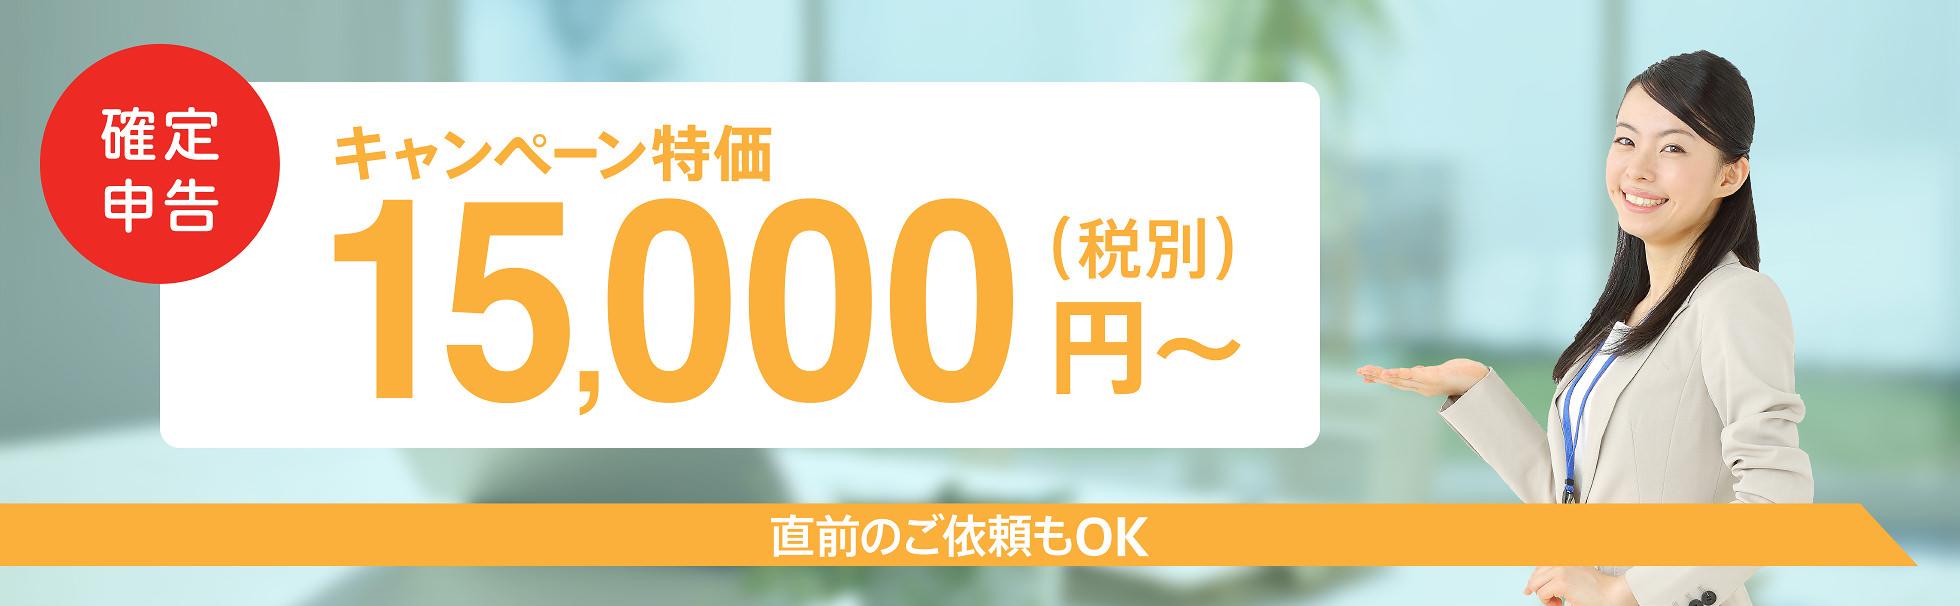 確定申告代行キャンペーン15,000円から